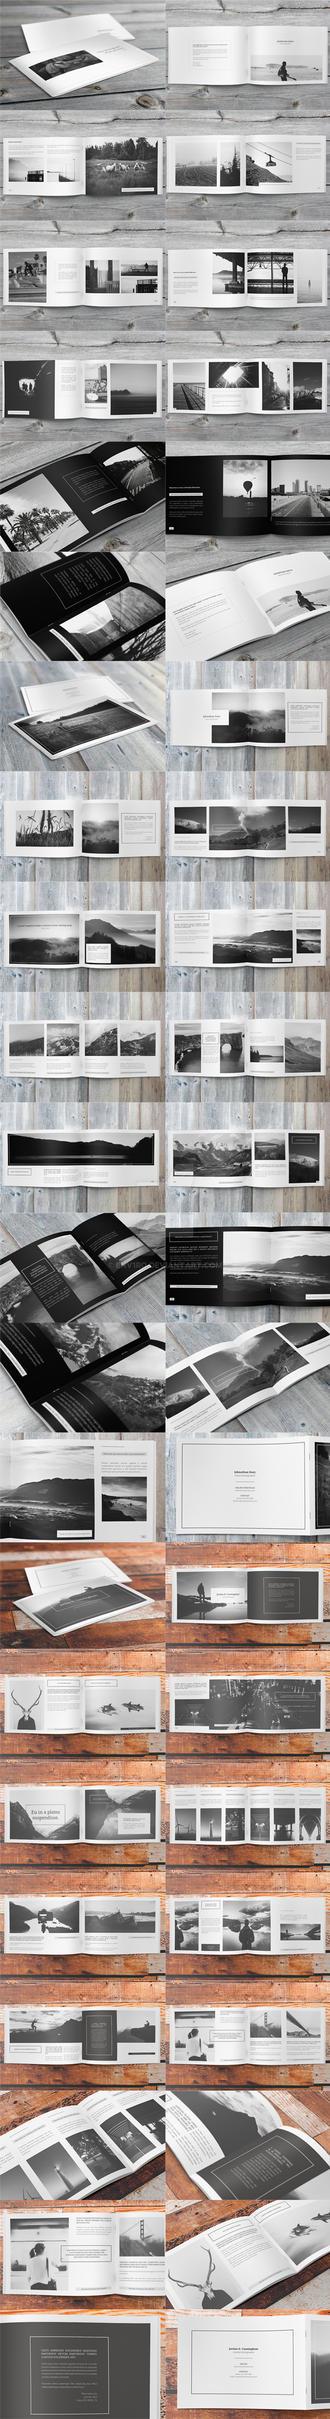 3x Minimalfolio Photography Portfolio A4 Brochures by env1ro